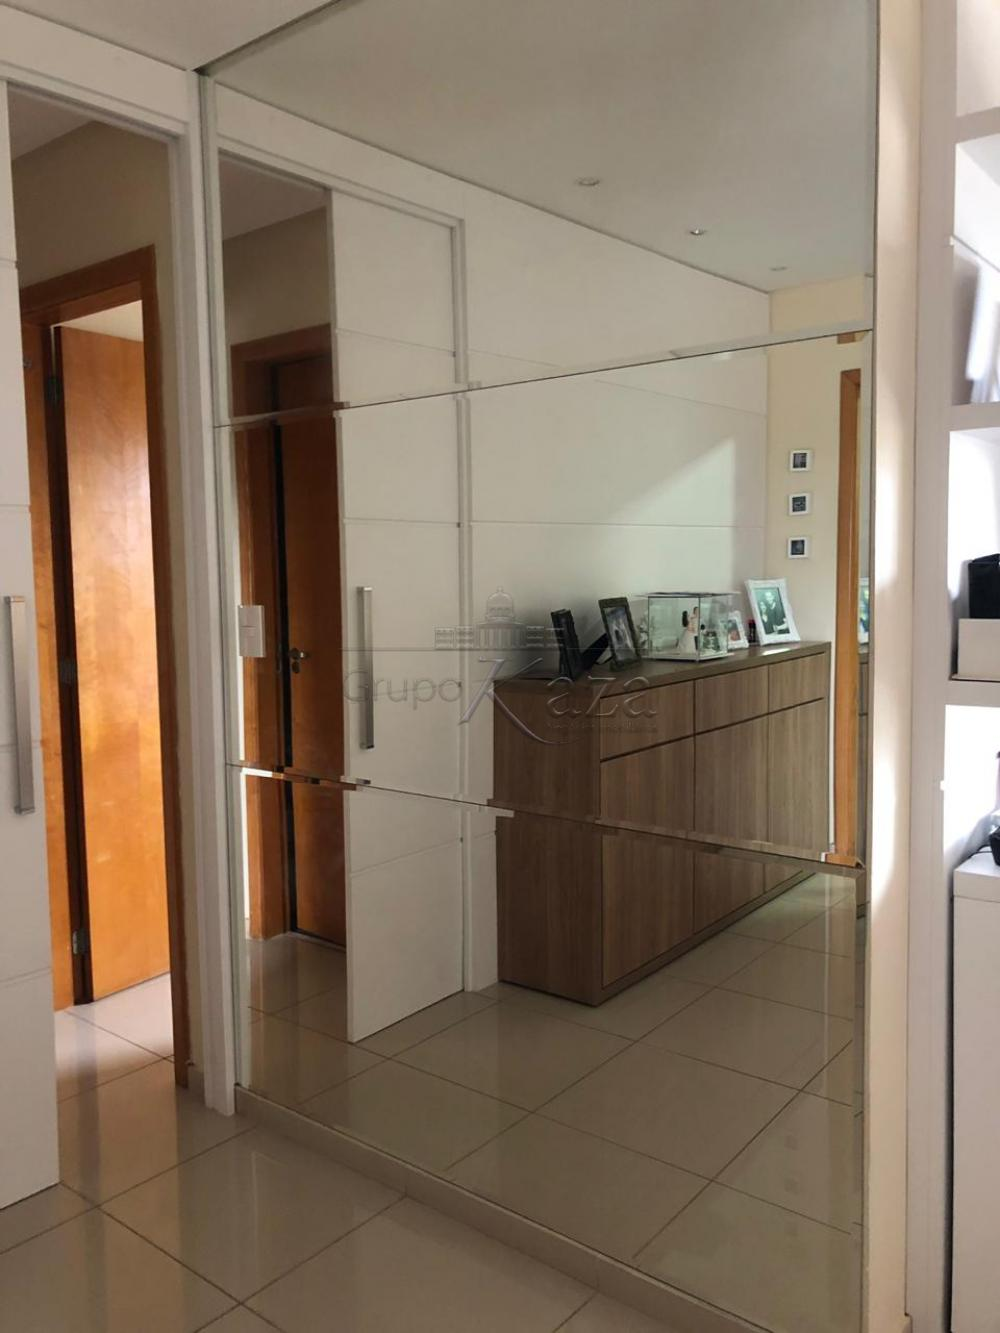 Comprar Apartamento / Padrão em São José dos Campos R$ 750.000,00 - Foto 16